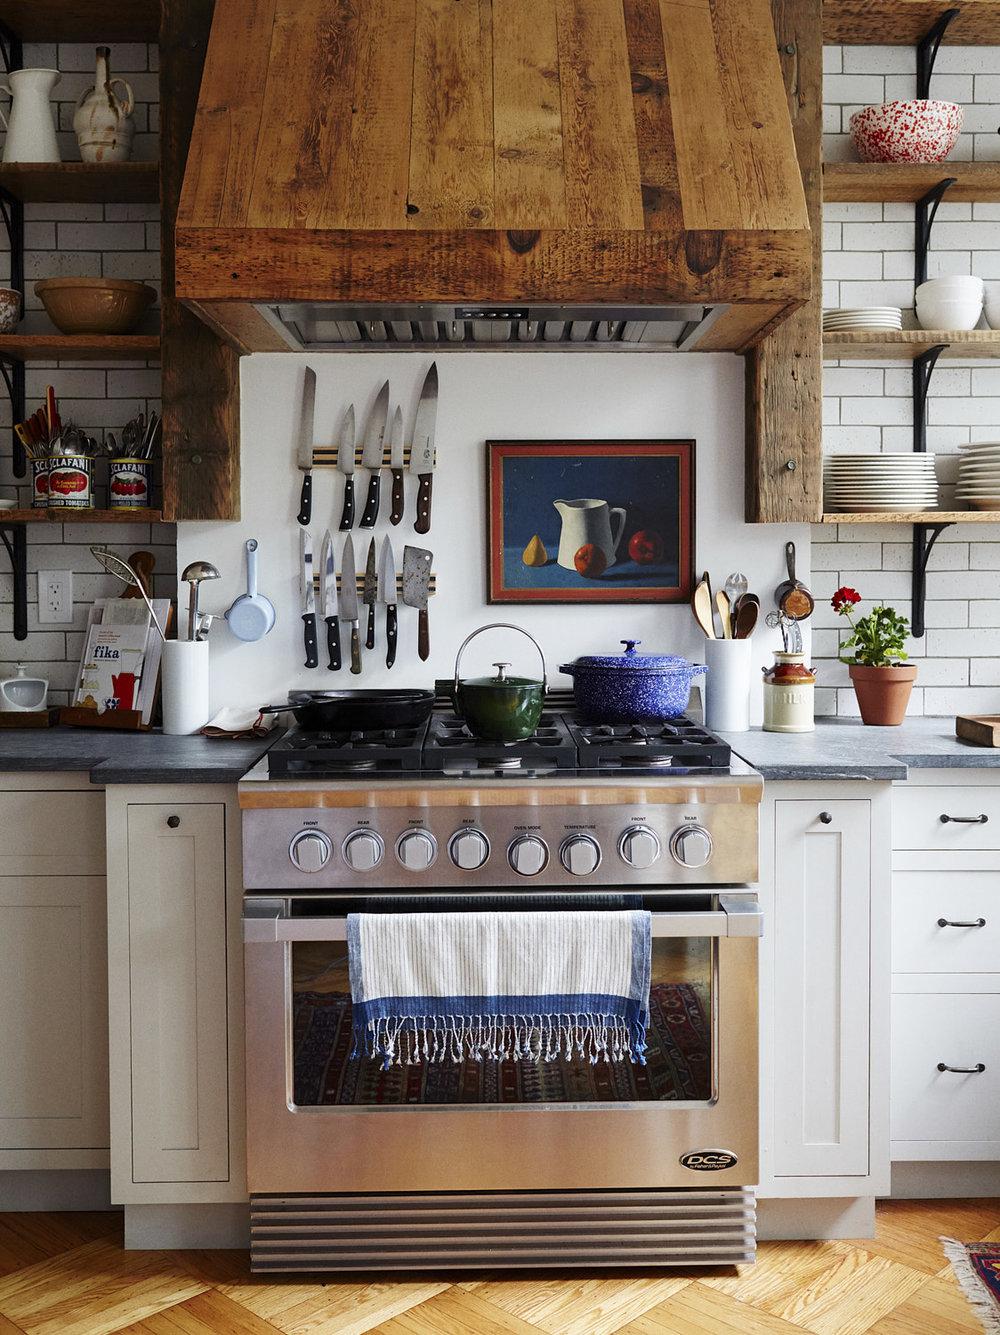 Cooks Kitchen Details